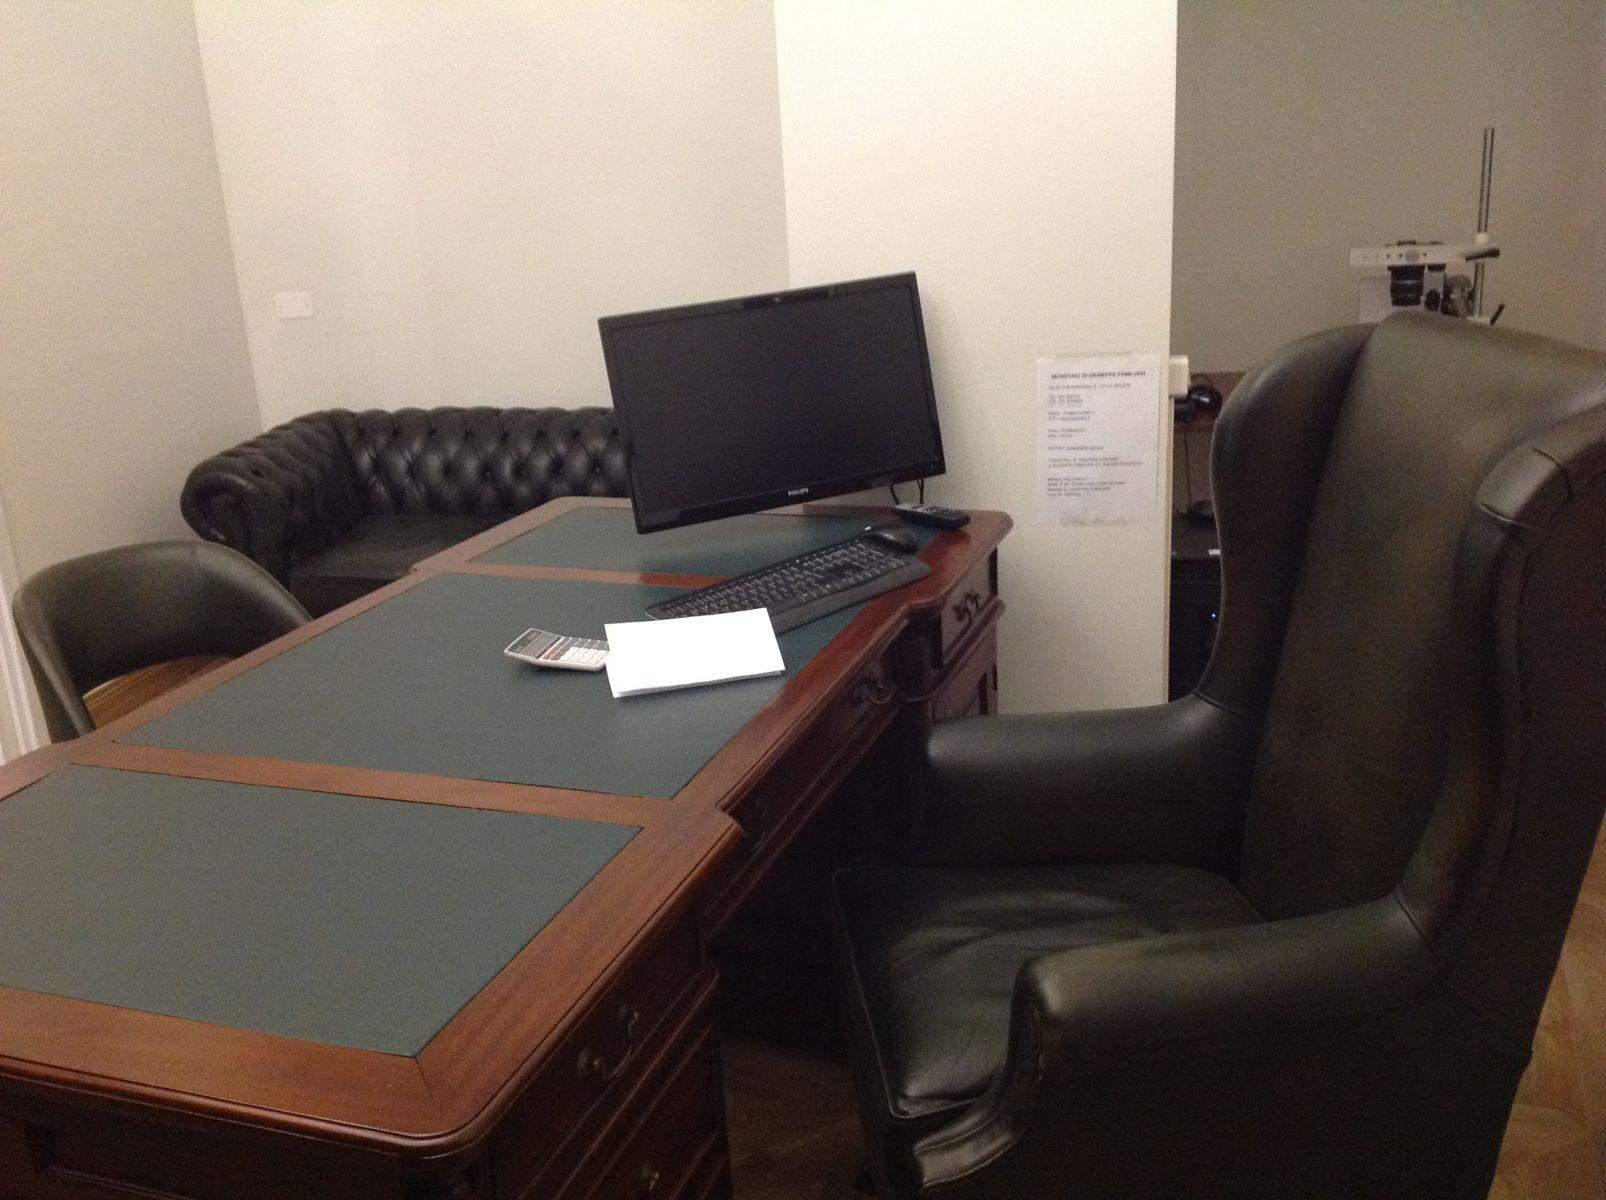 Allestimento di un ufficio img_2497.jpg